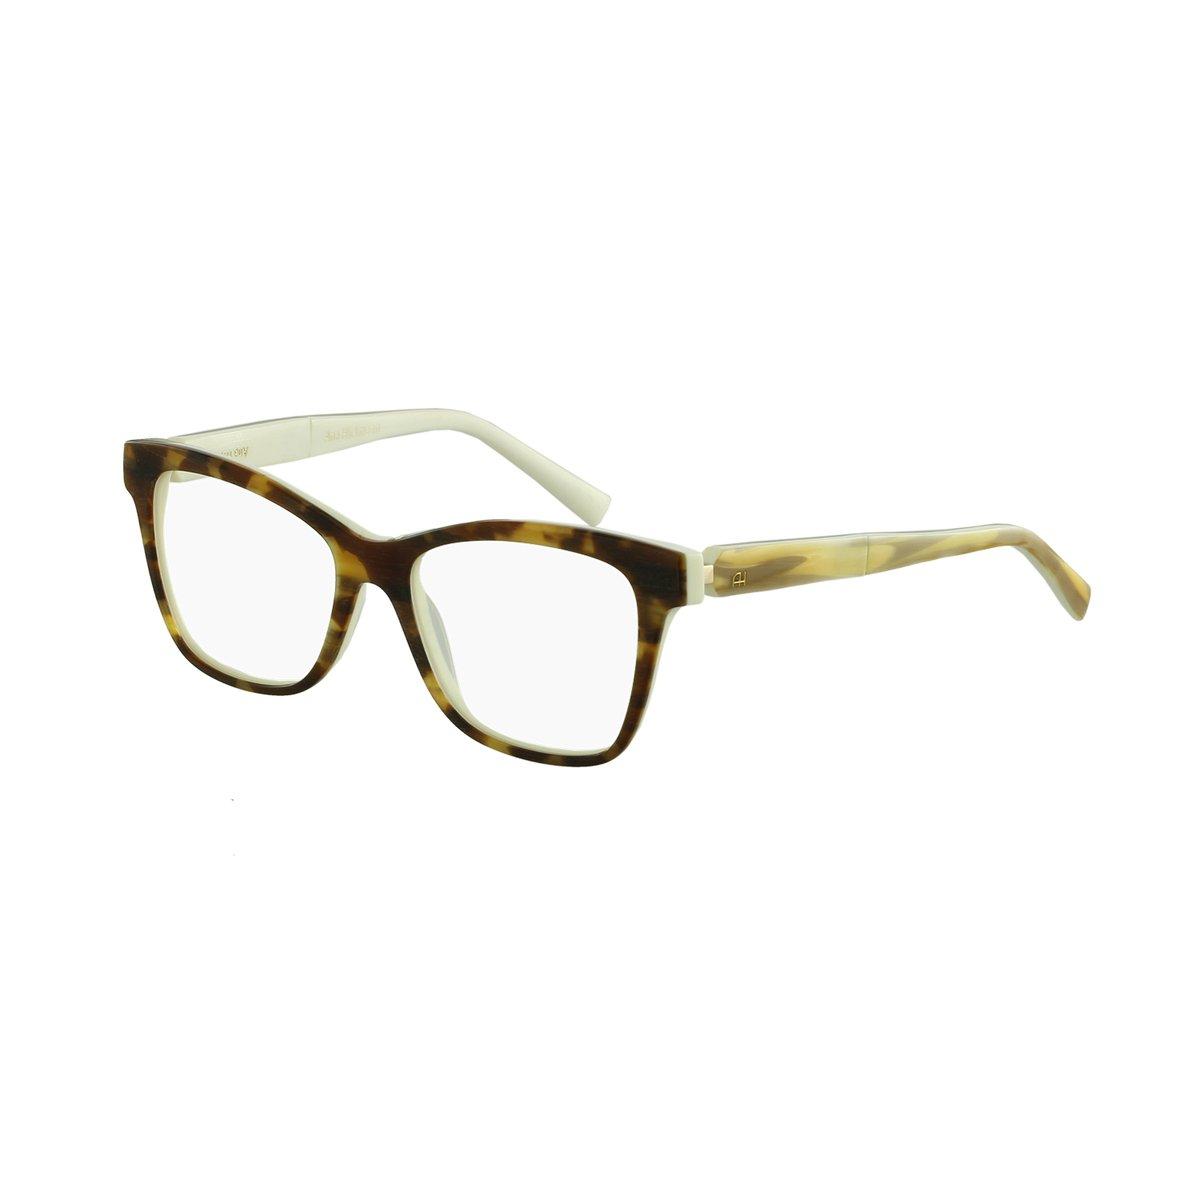 Óculos De Grau Ana Hickmann - Marrom - Compre Agora   Zattini bceffcbb3f